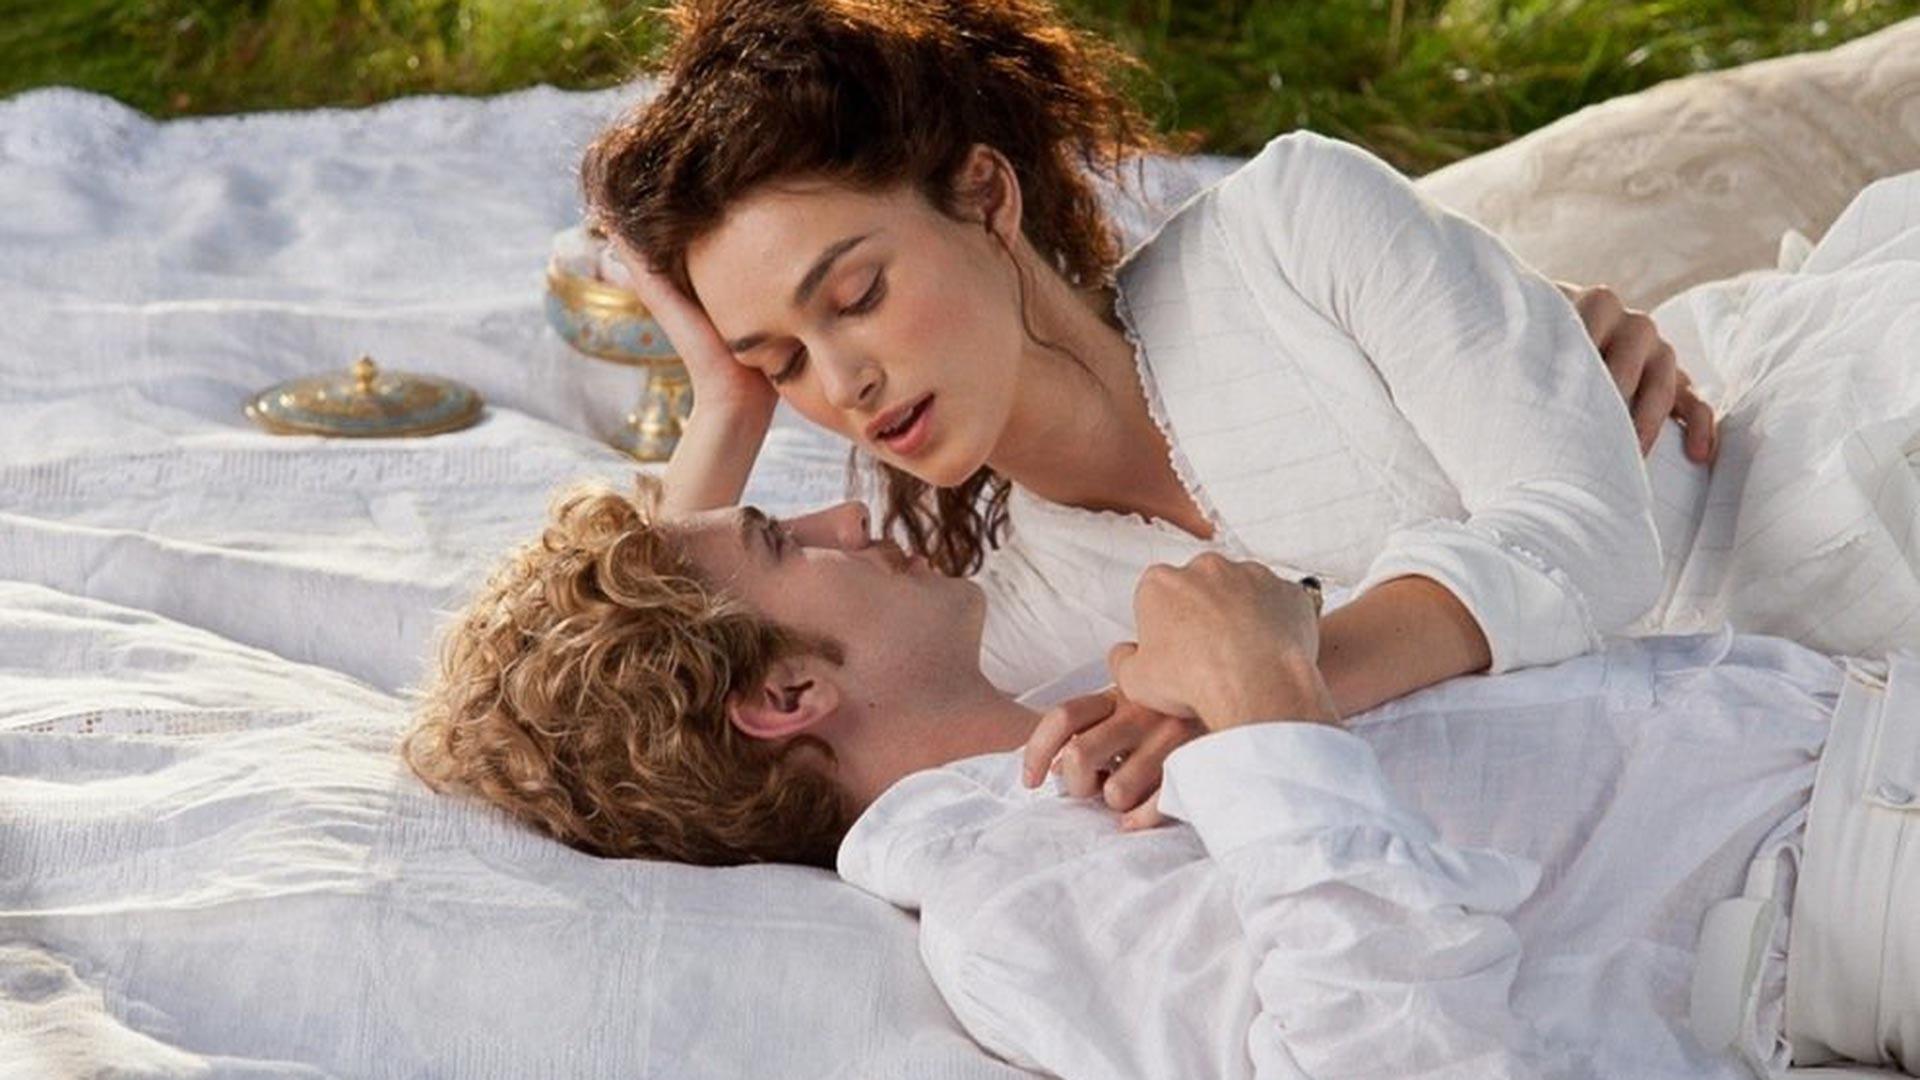 映画『アンナ・カレーニナ』、2012年